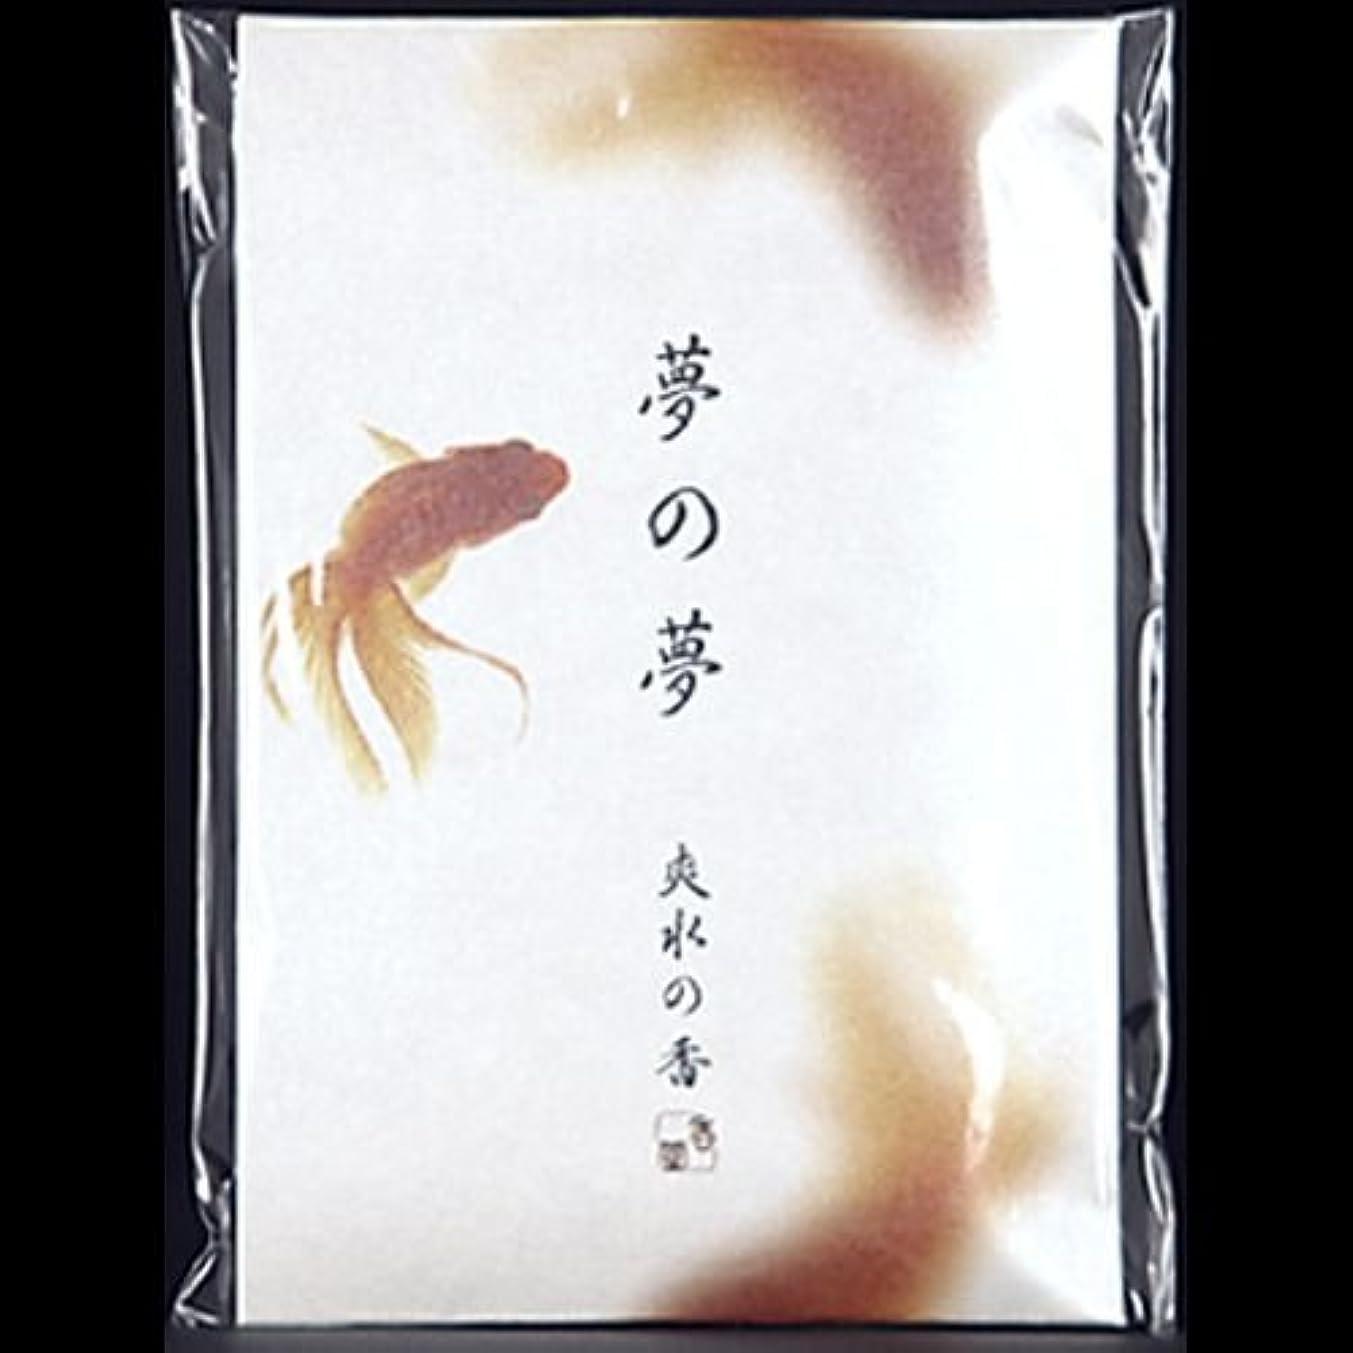 ボット覆す特性【まとめ買い】夢の夢 爽水の香 (金魚) スティック12本入 ×2セット